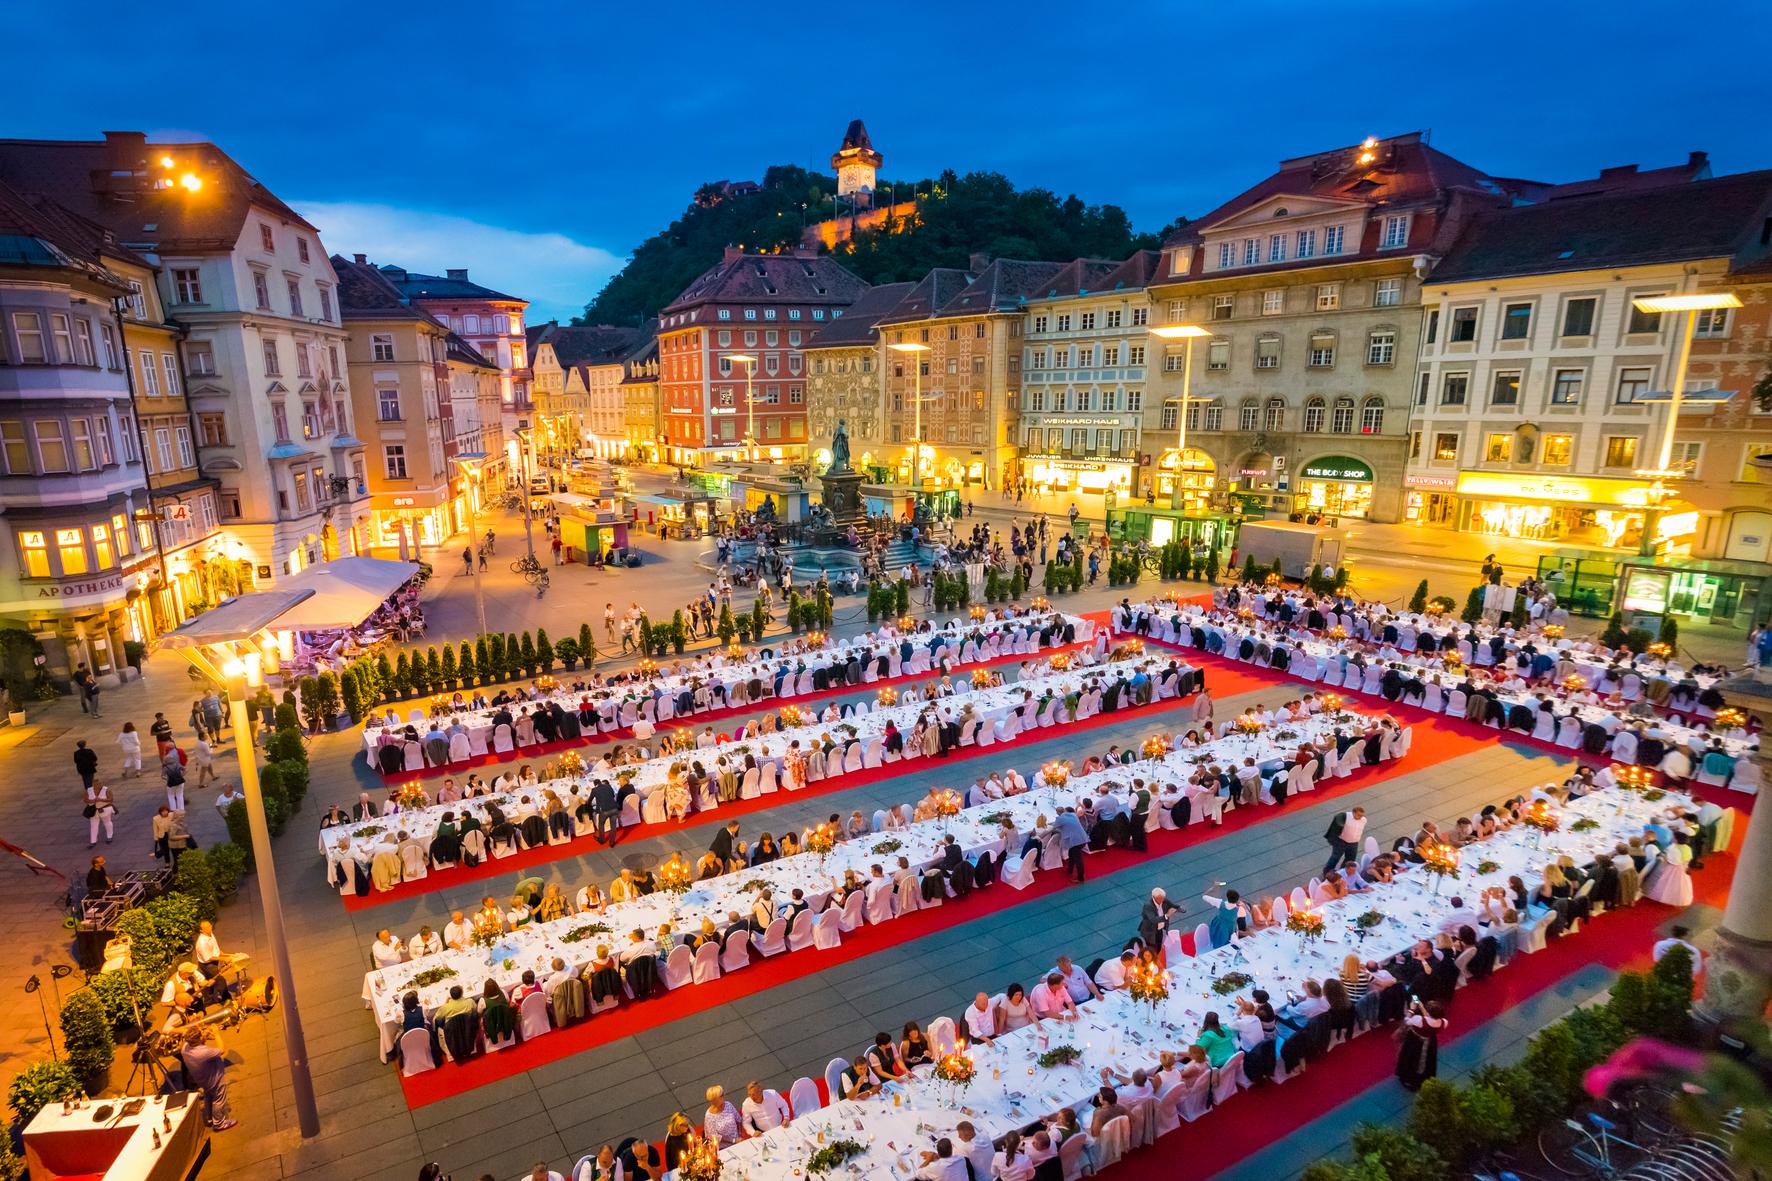 lange-tafel-der-genusshauptstadt-graz-c-graz-tourismus-werner-krug1